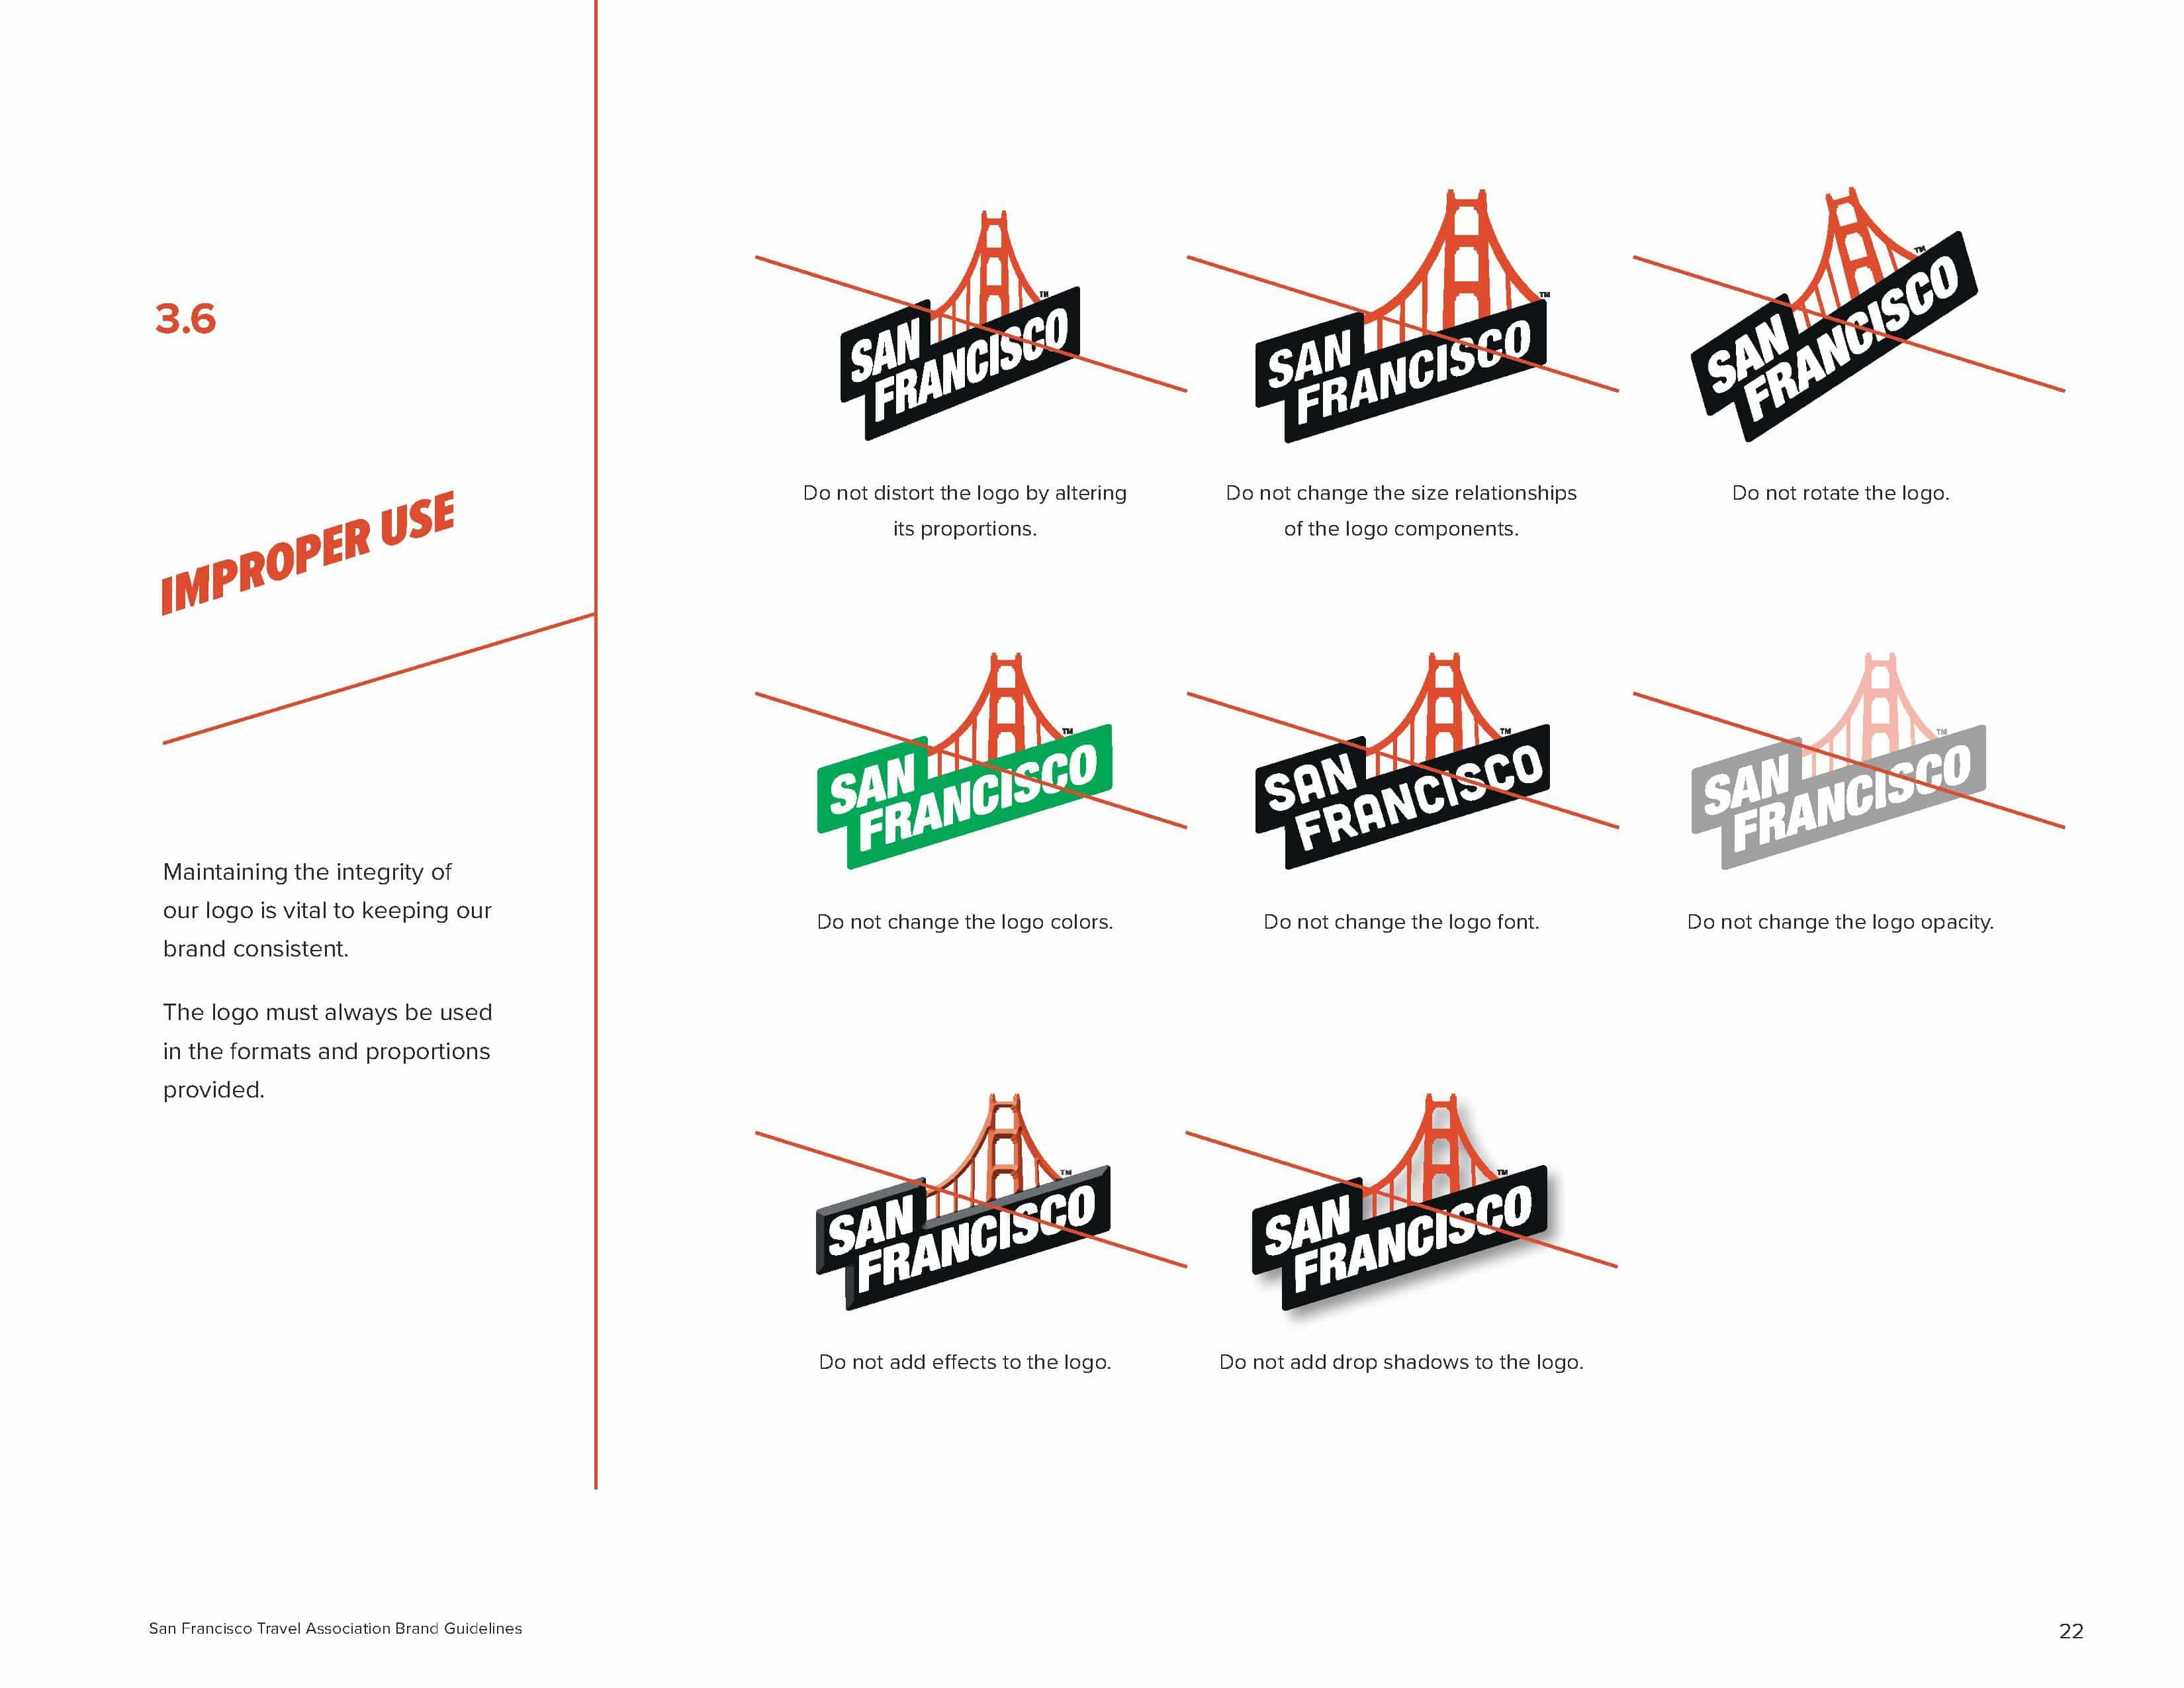 San Francisco Brand Book - Logo Miseuse